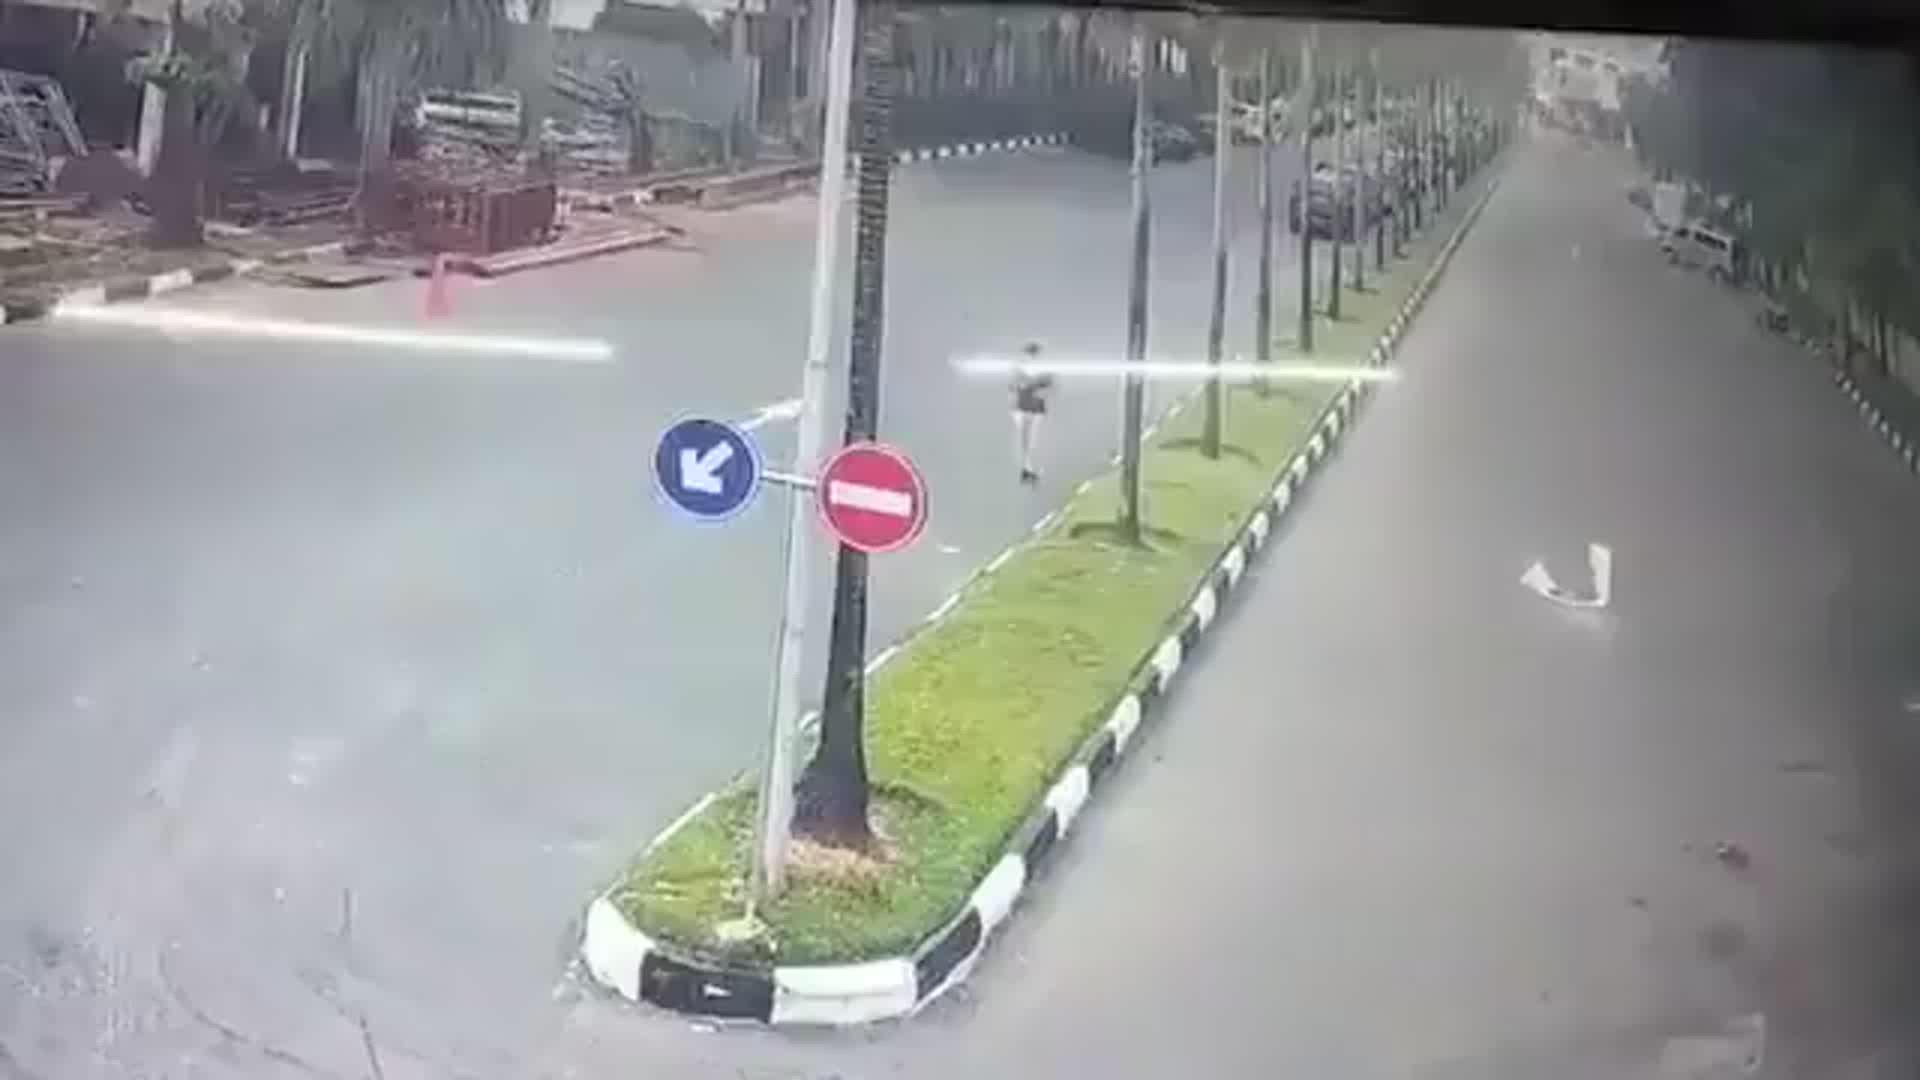 مشهد يحبس الأنفاس.. امرأة تتعرض أثناء ركضها بأحد الشوارع لحادث سير قاسٍ (فيديو)